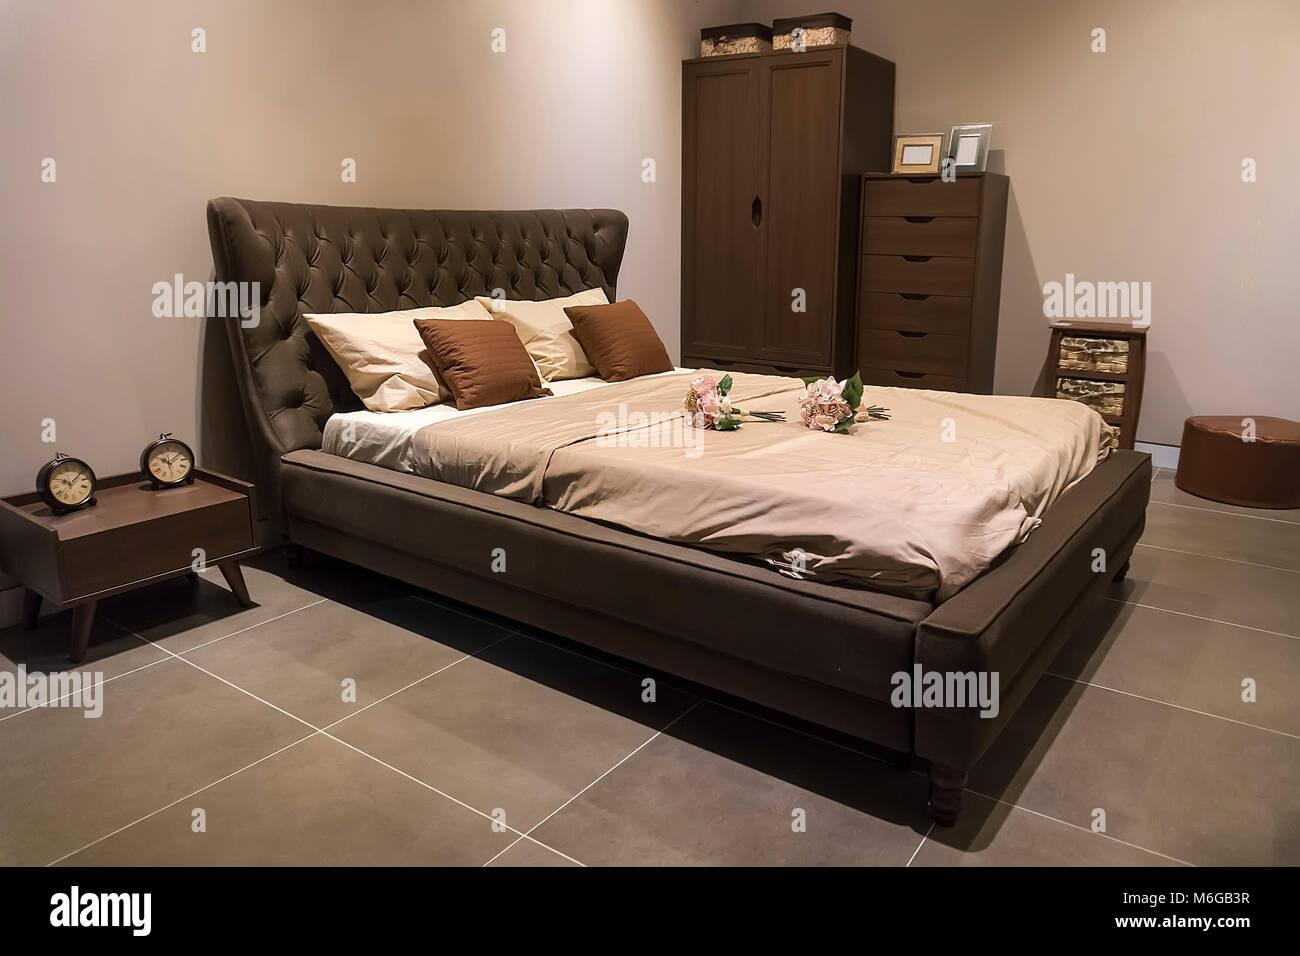 Cabeceros acolchados cama perfect cabeceros de cama - Cabeceros acolchados cama ...